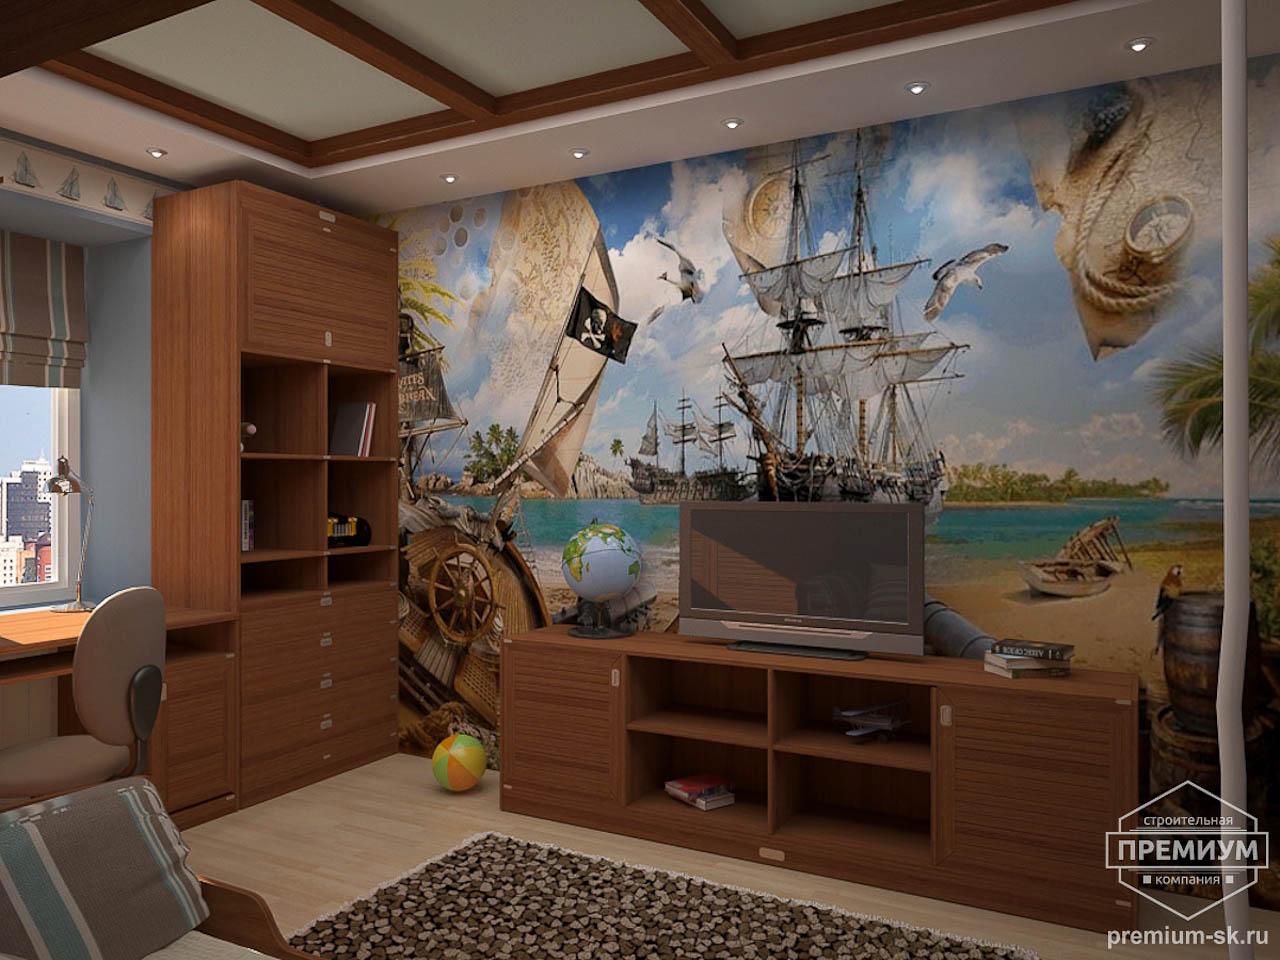 Дизайн интерьера детской по ул. Фролова 31 img342580214